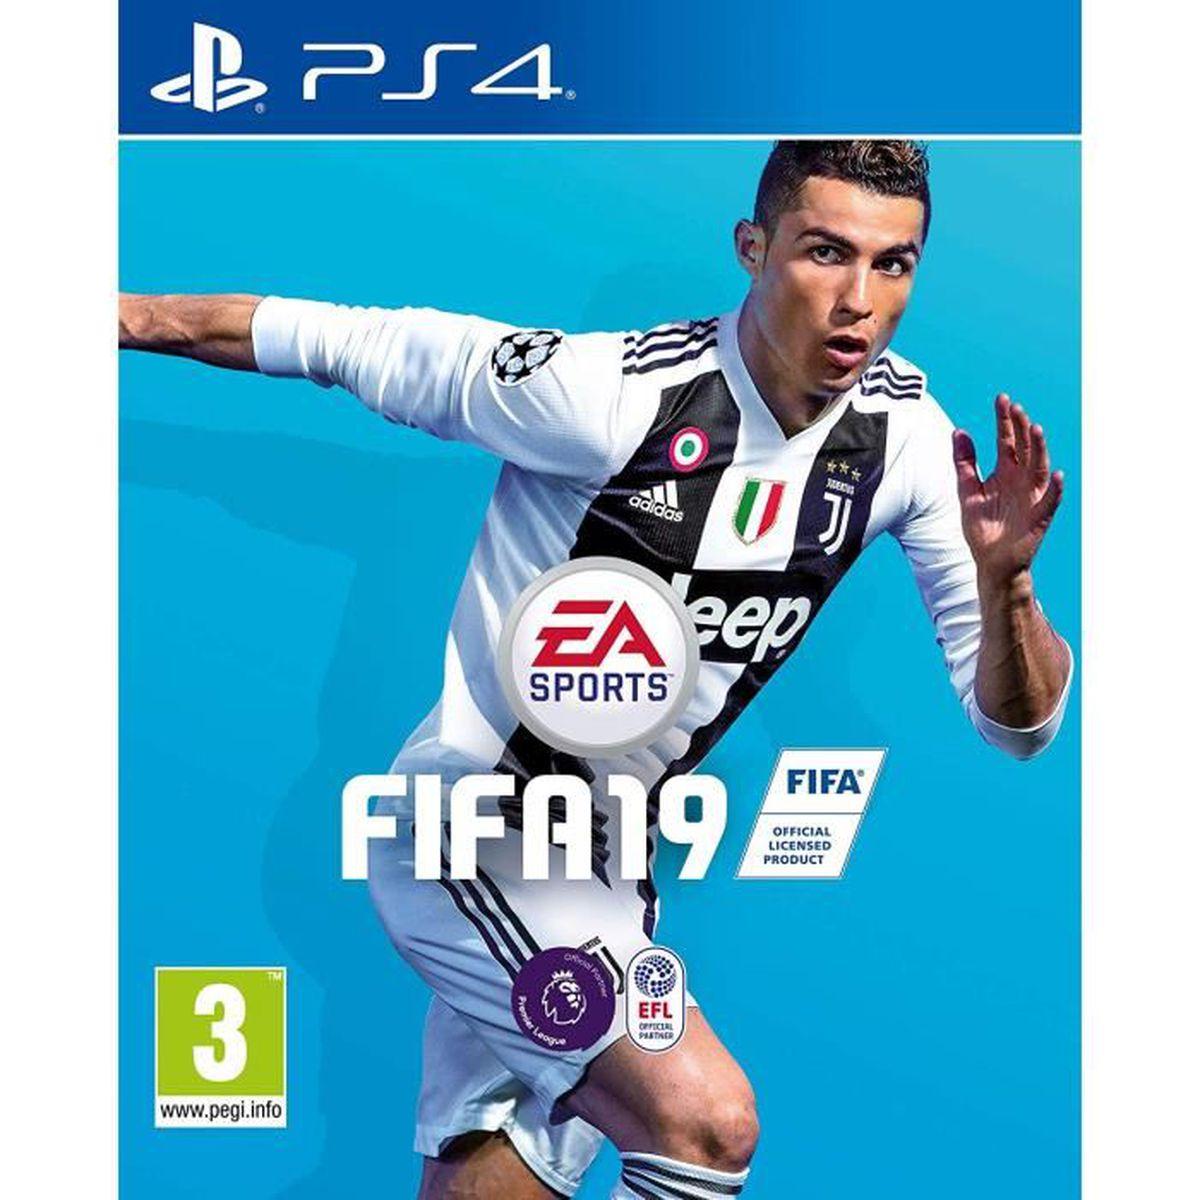 JEU PS4 FIFA 19 Jeu PS4 + 1 Porte Clé Offert